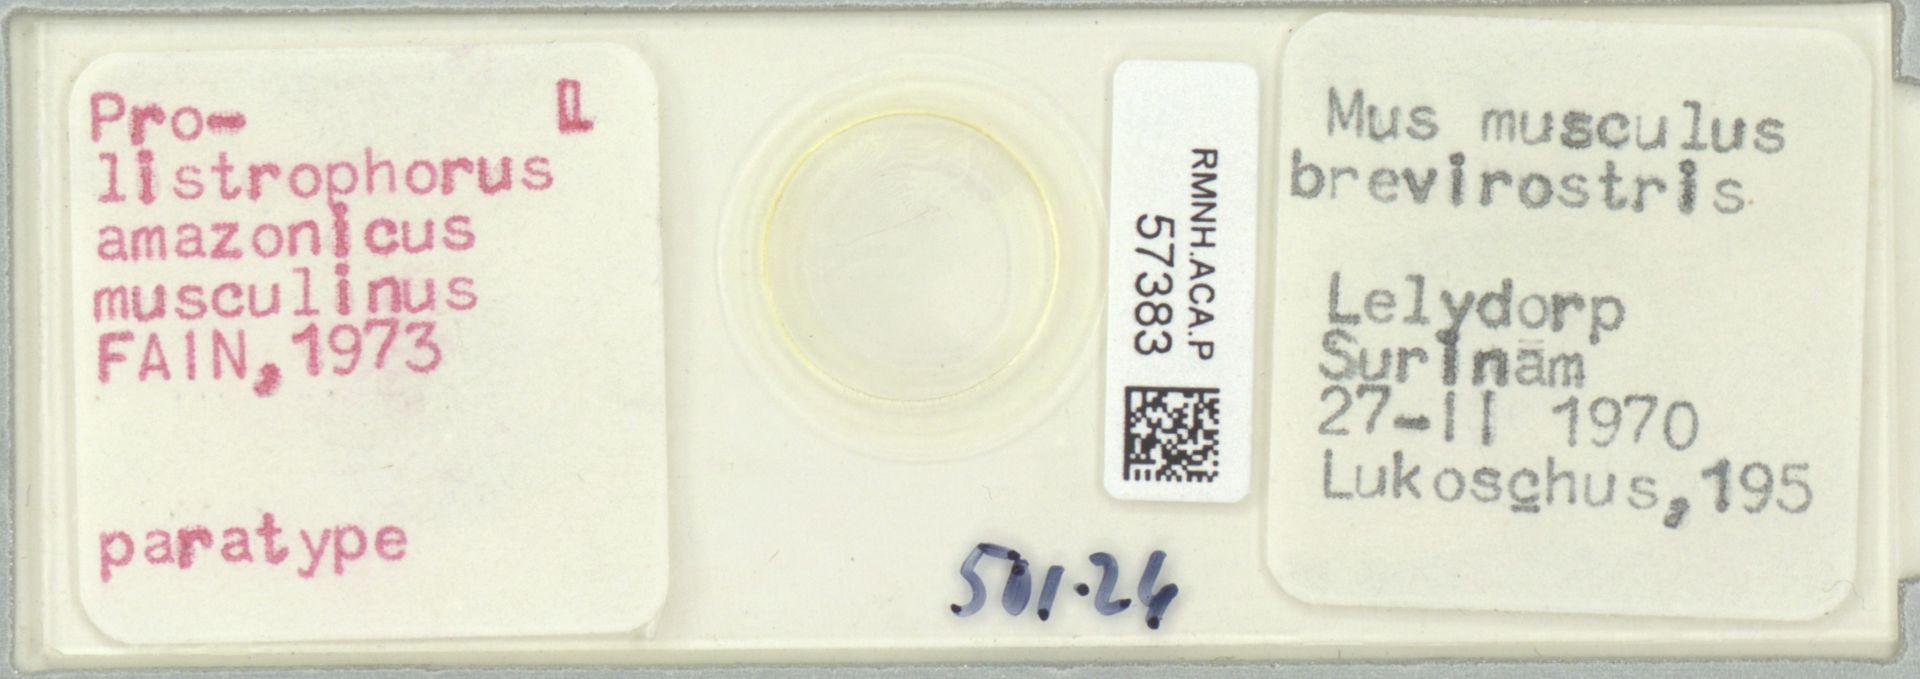 RMNH.ACA.P.57383   Prolistrophorus amazonicus musculinus Fain, 1973